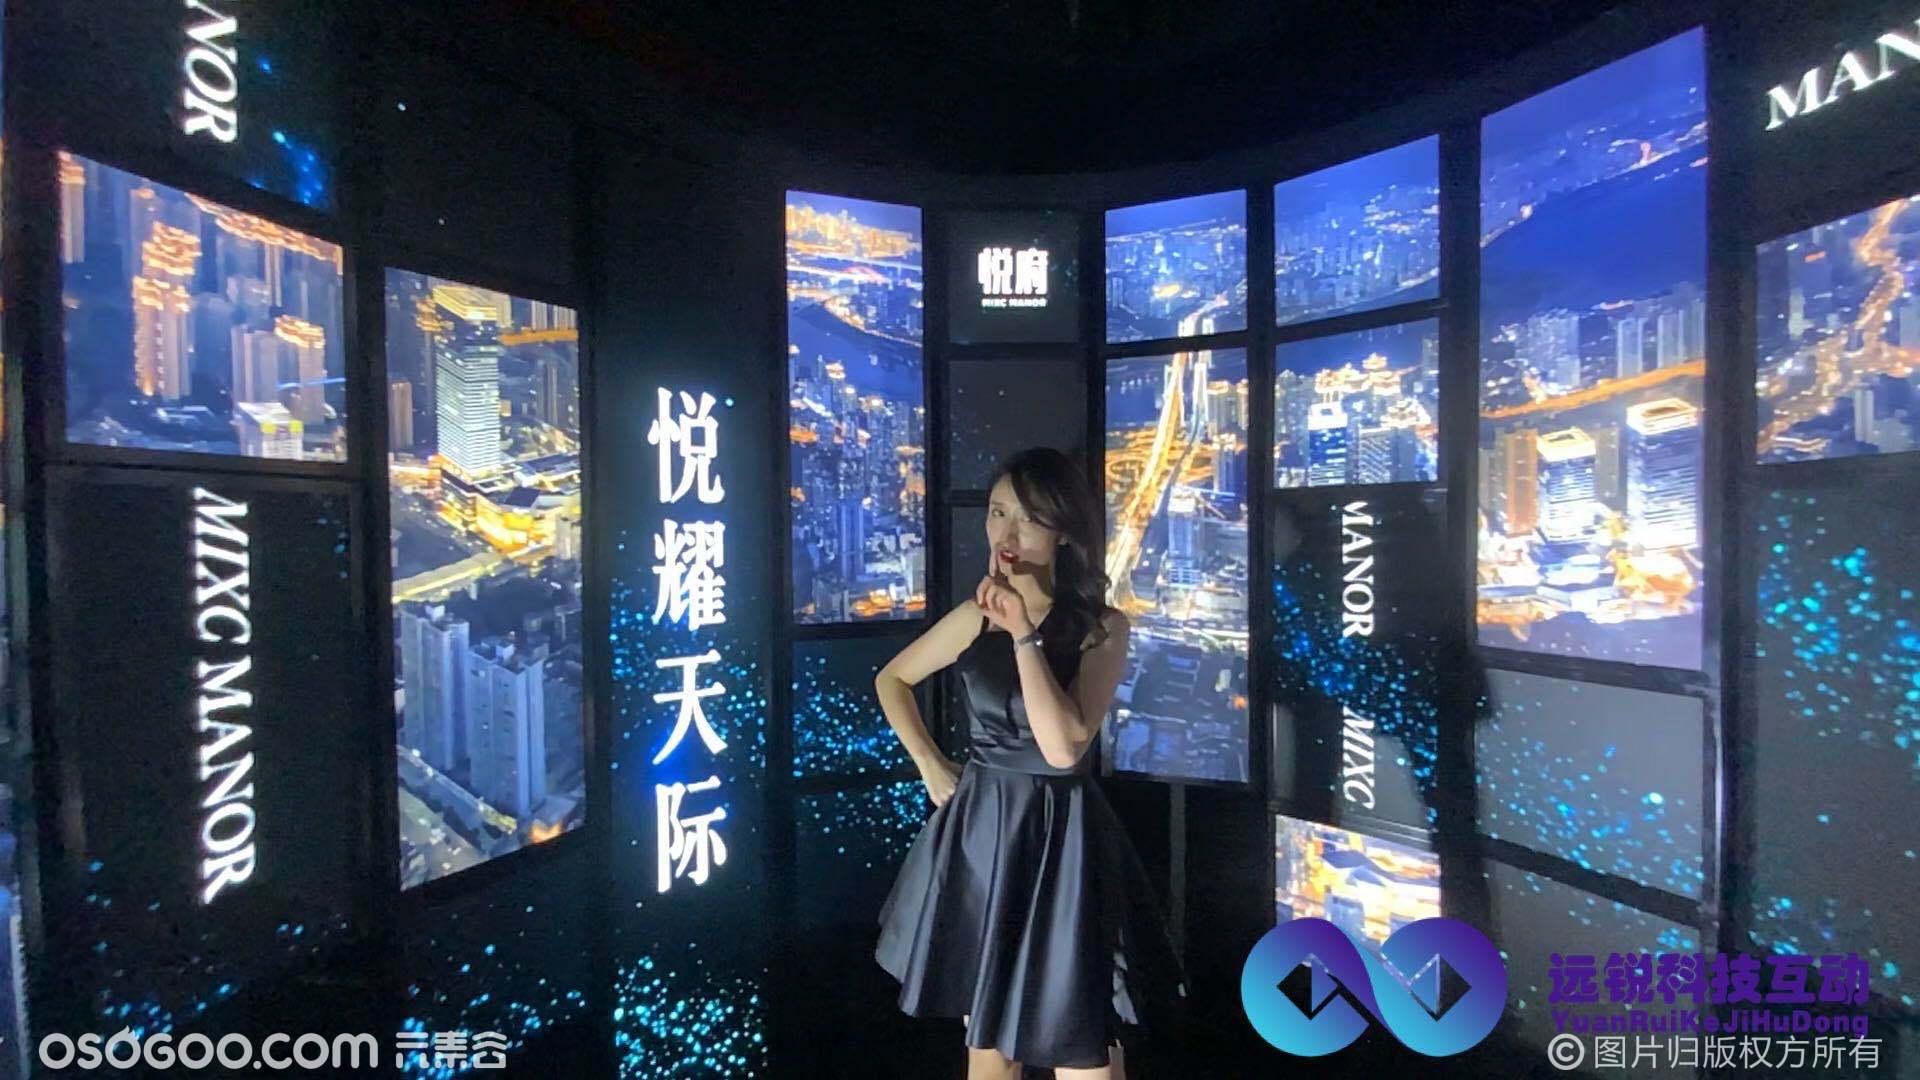 重庆悦府新品发布360度自拍互动